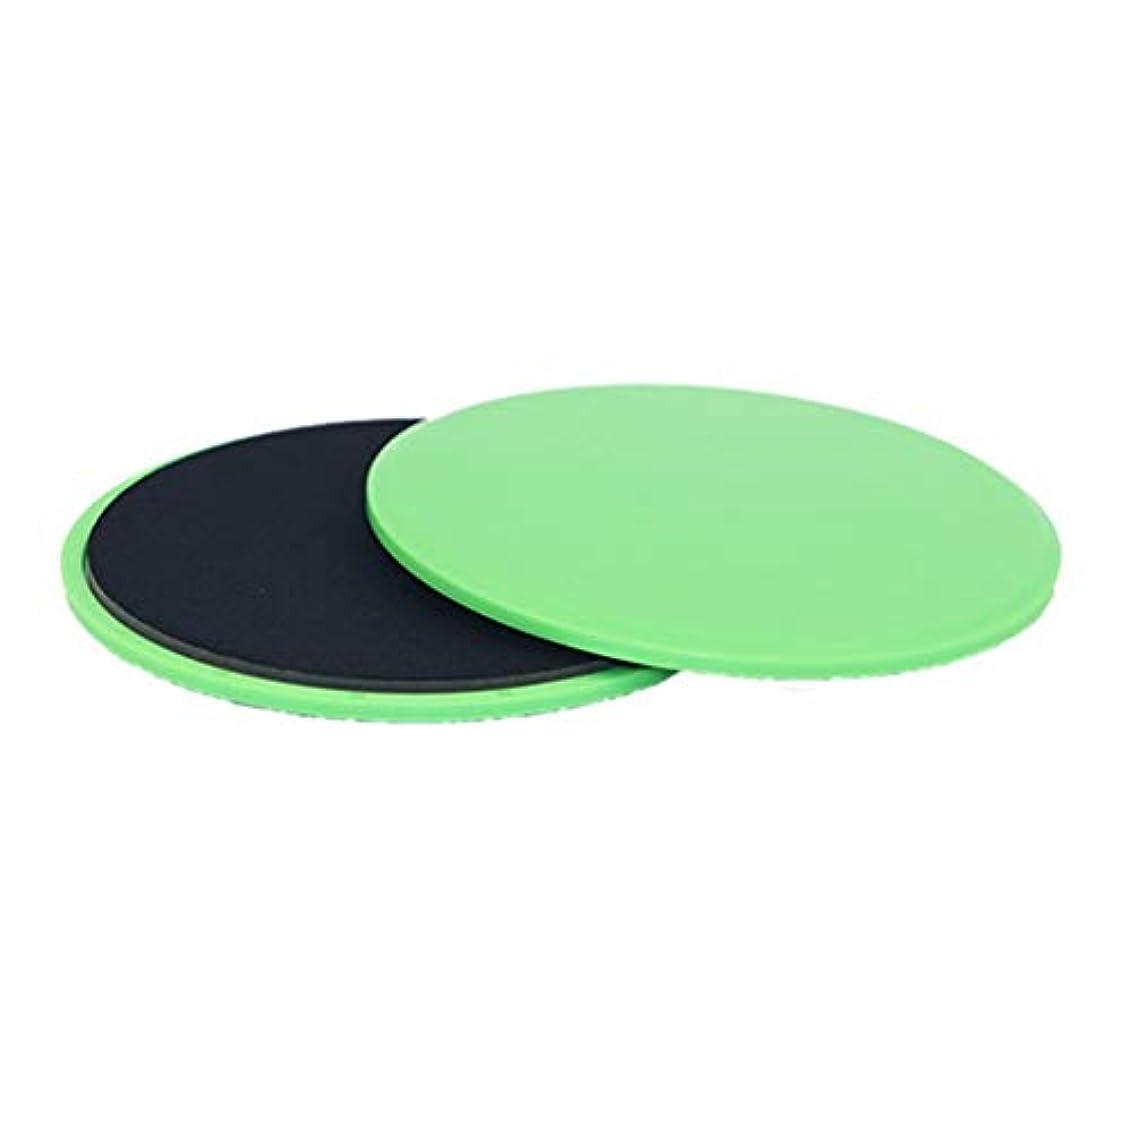 妨げる夫誇張するフィットネススライドグライディングディスクコーディネーション能力フィットネスエクササイズスライダーコアトレーニング用腹部と全身トレーニング - グリーン